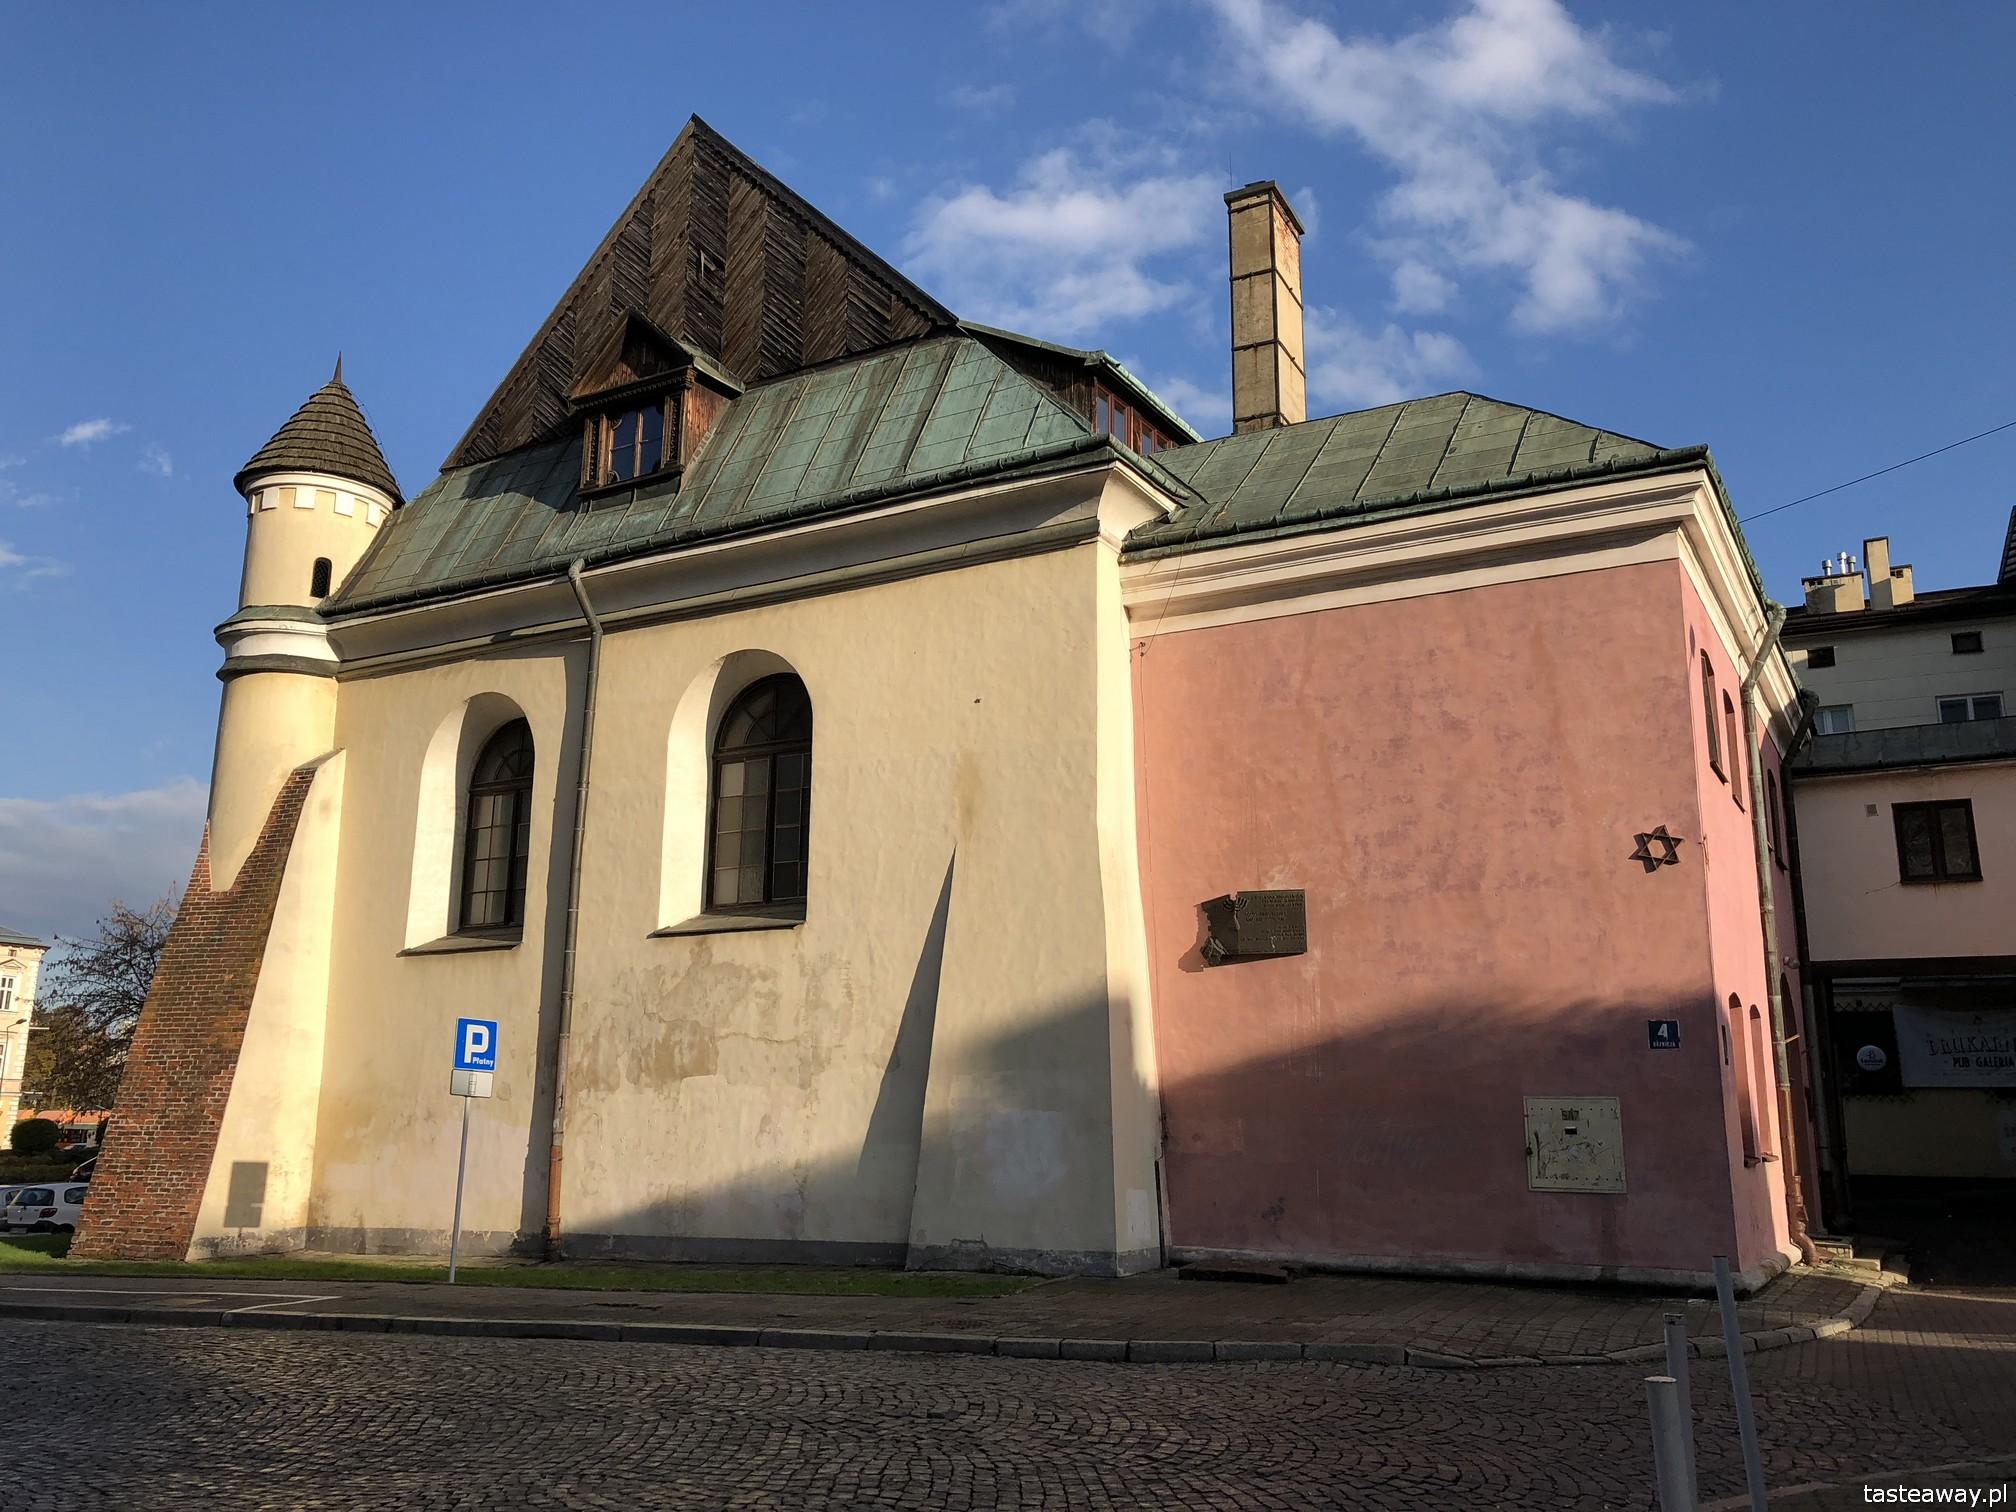 Rzeszów, co zobaczyć w Rzeszowie, Podkarpackie, rynek w Rzeszowie, podróżowanie z dziećmi, Synagoga Staromiejska